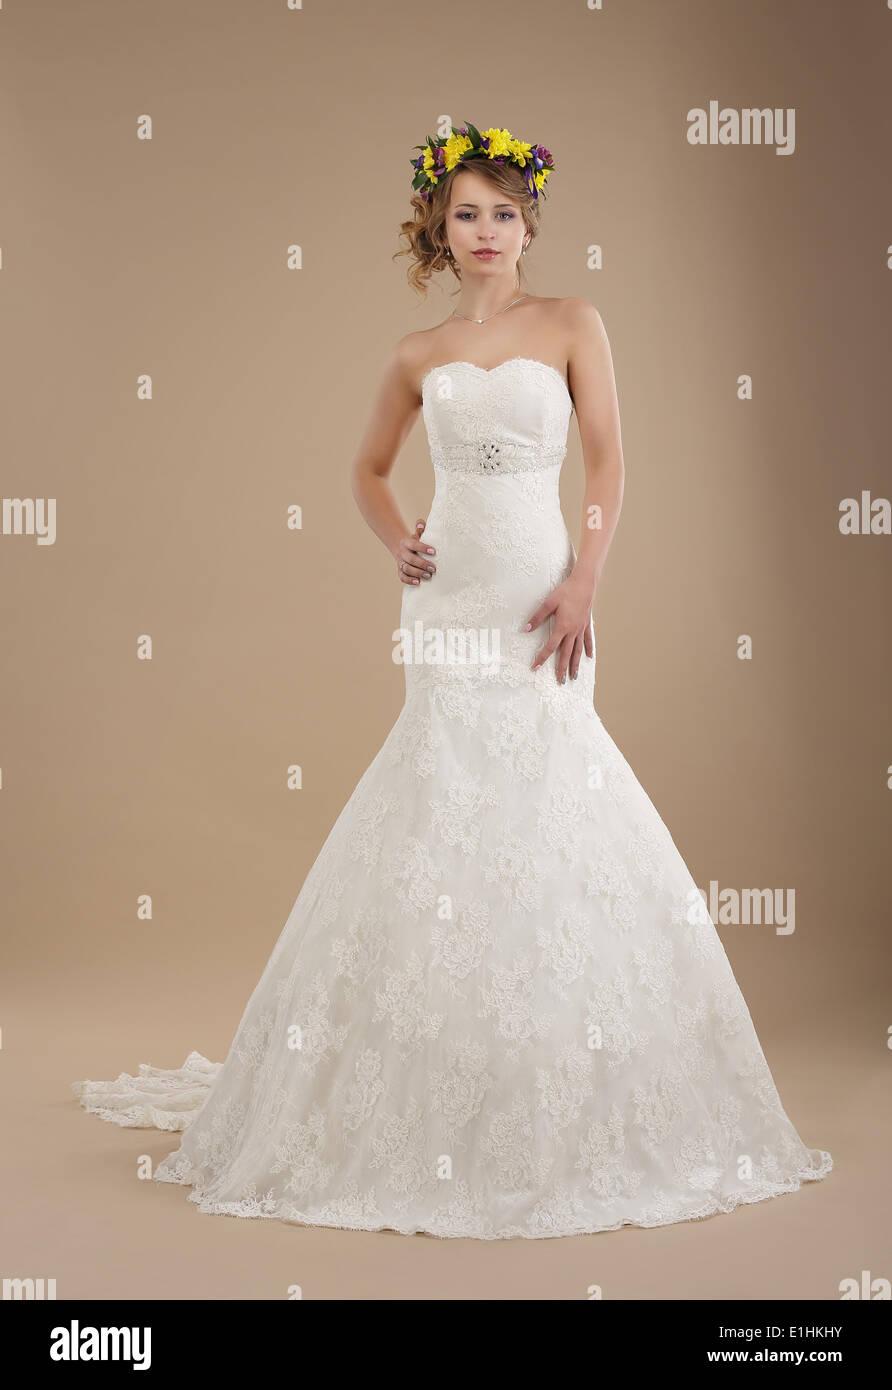 Incantevole donna in abito da sposa con ghirlanda di fiori Immagini Stock